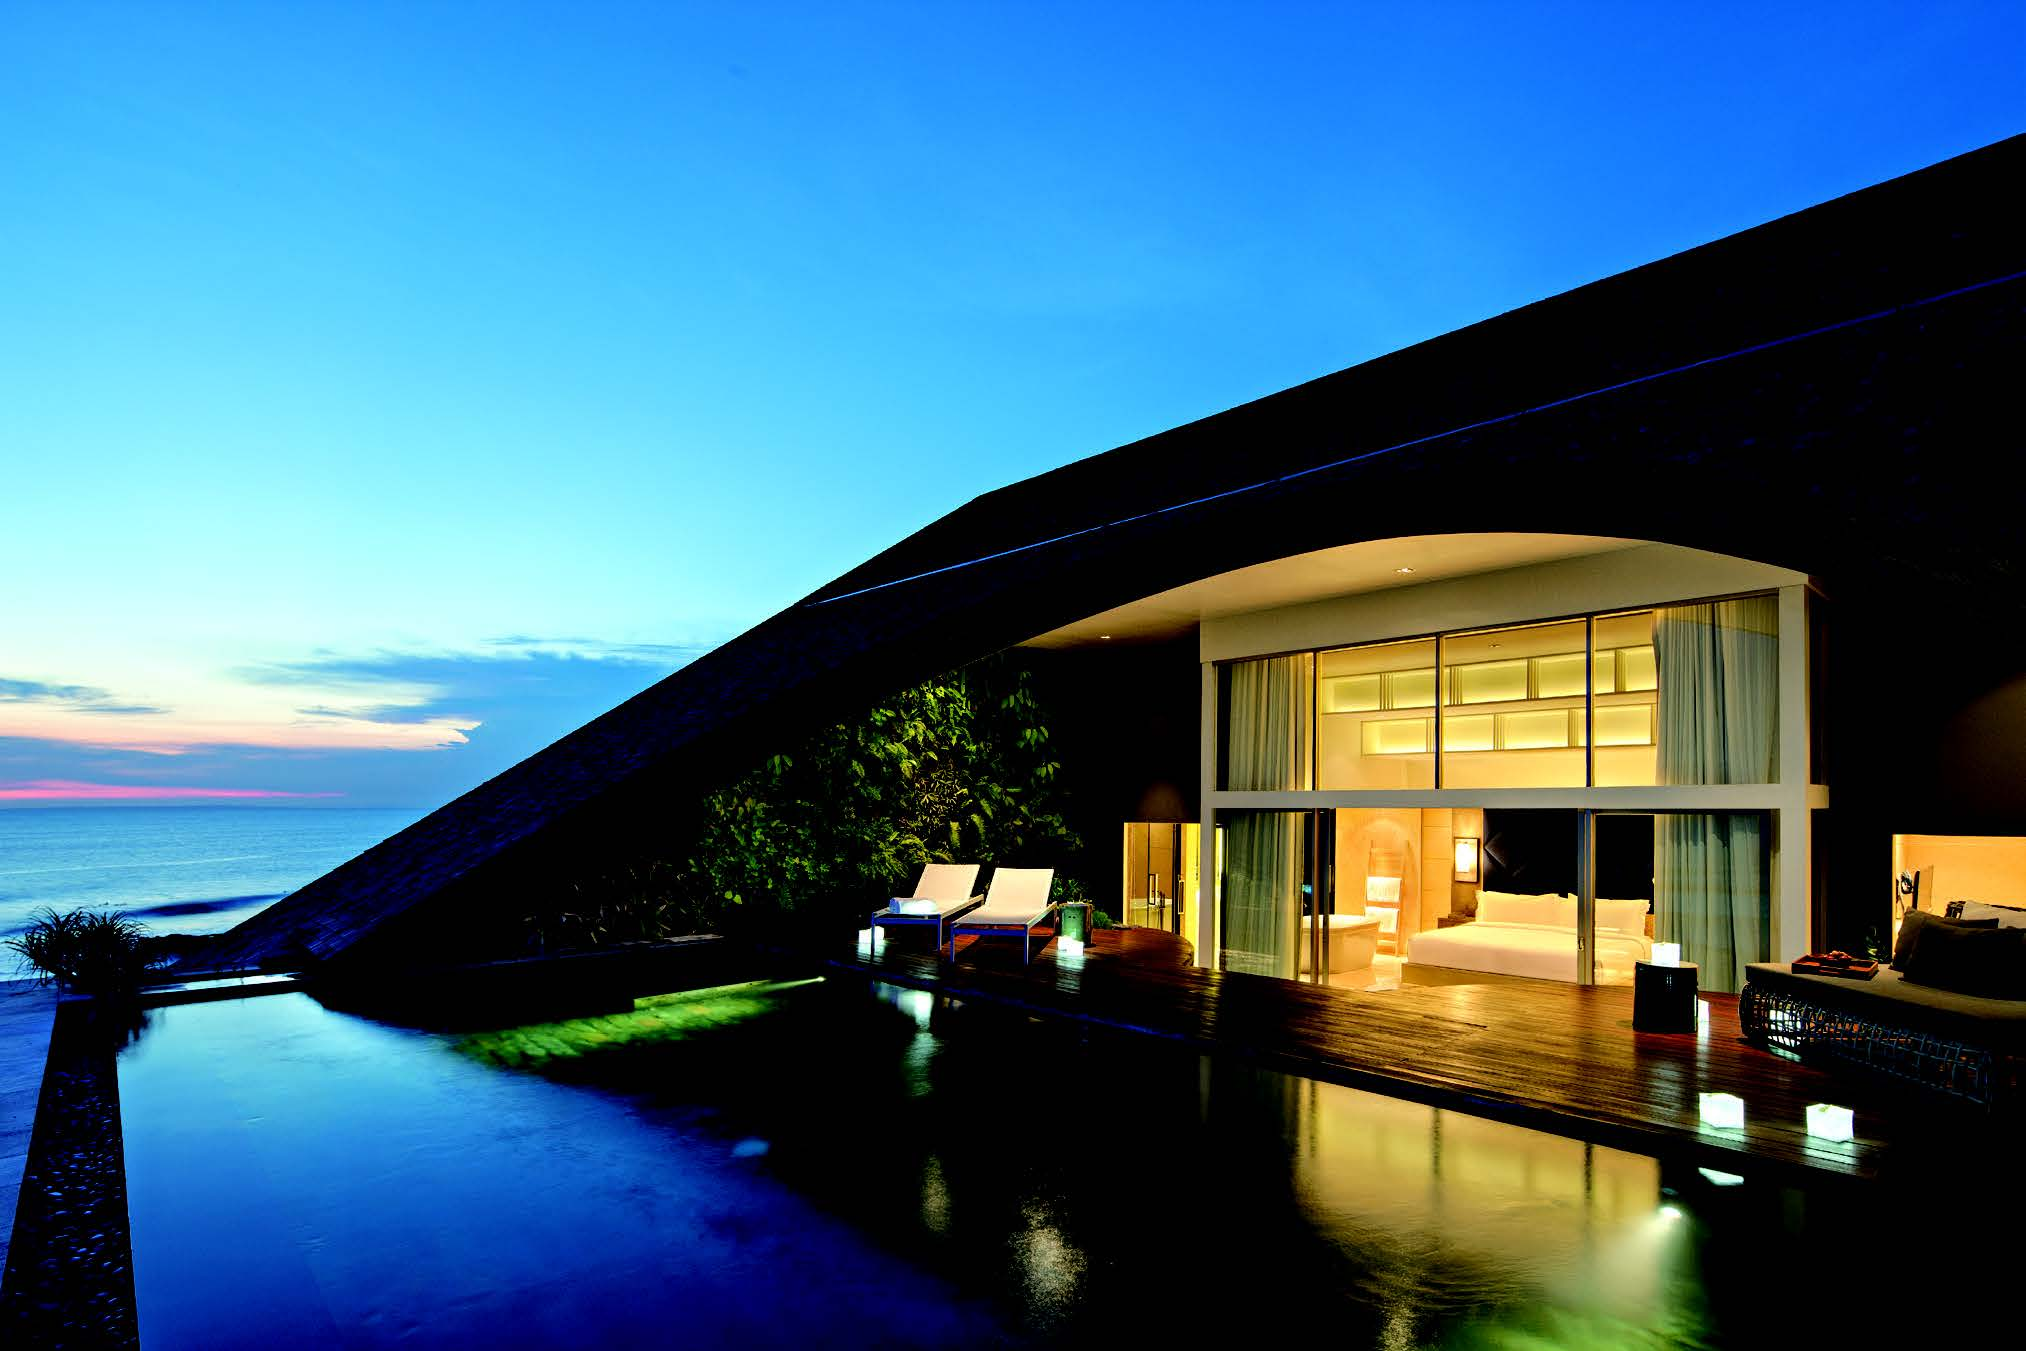 日本進出意欲ある3ホテル 事業参入の要件と特色 -「グローバル富裕層」誘客 –